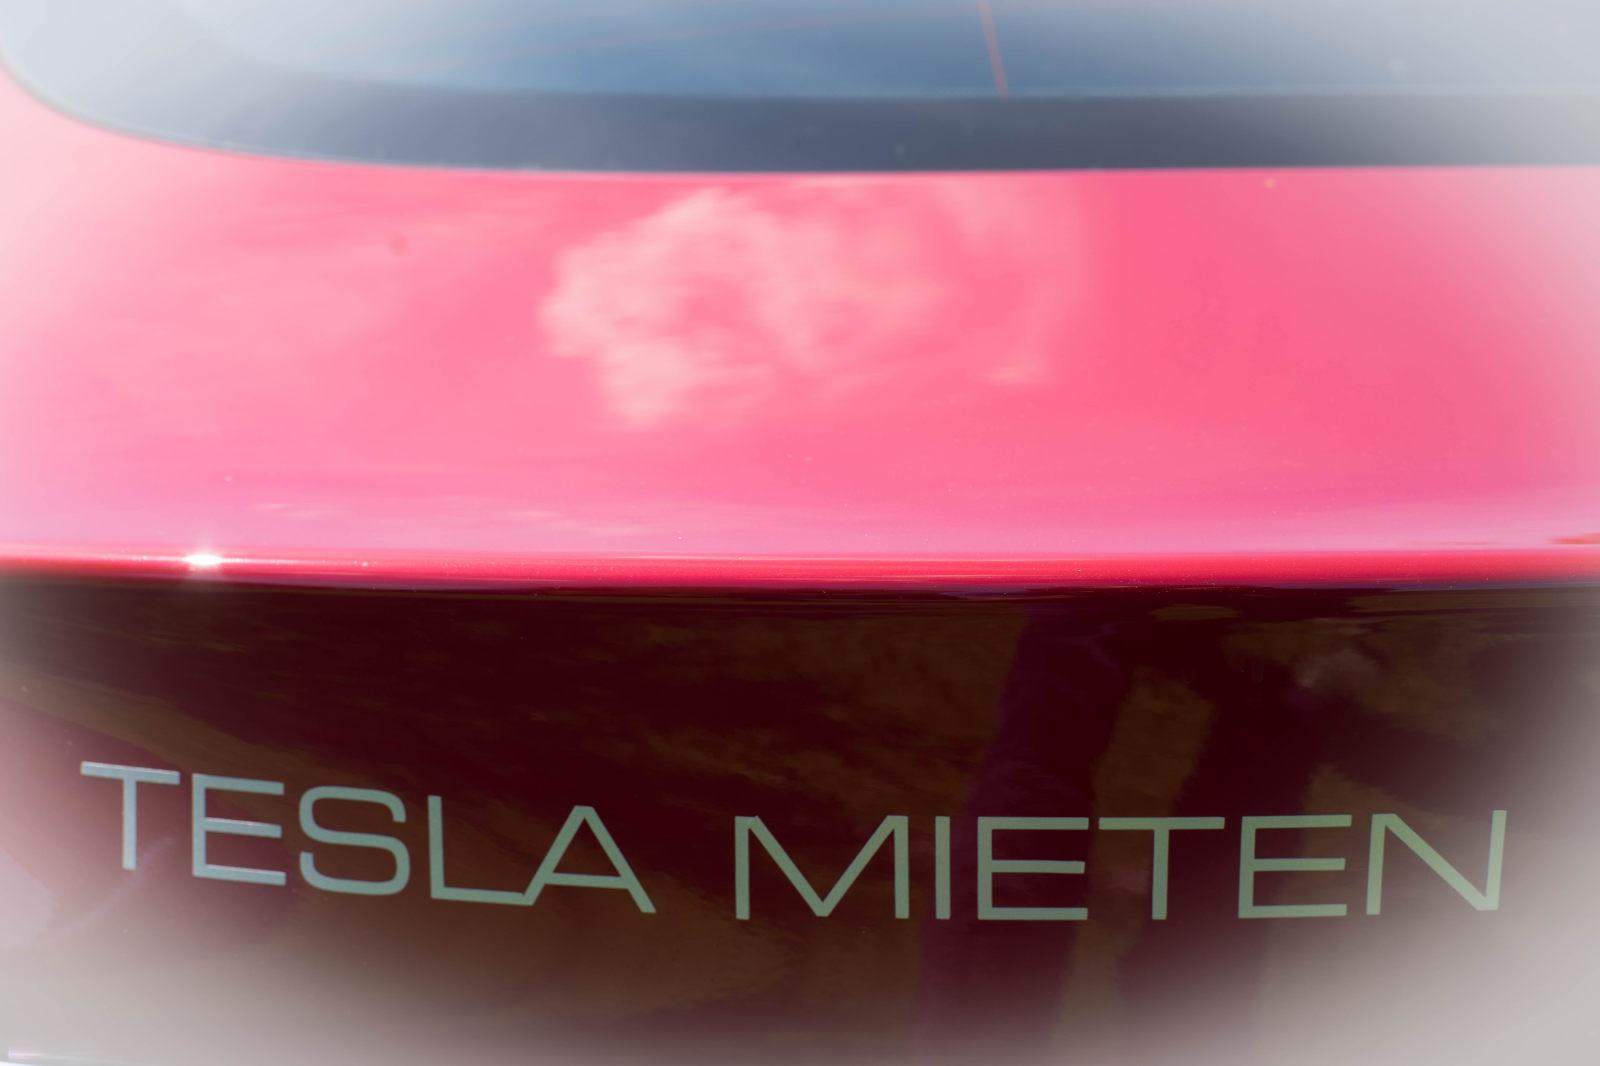 Tesla mieten für Hochzeit auf Rügen